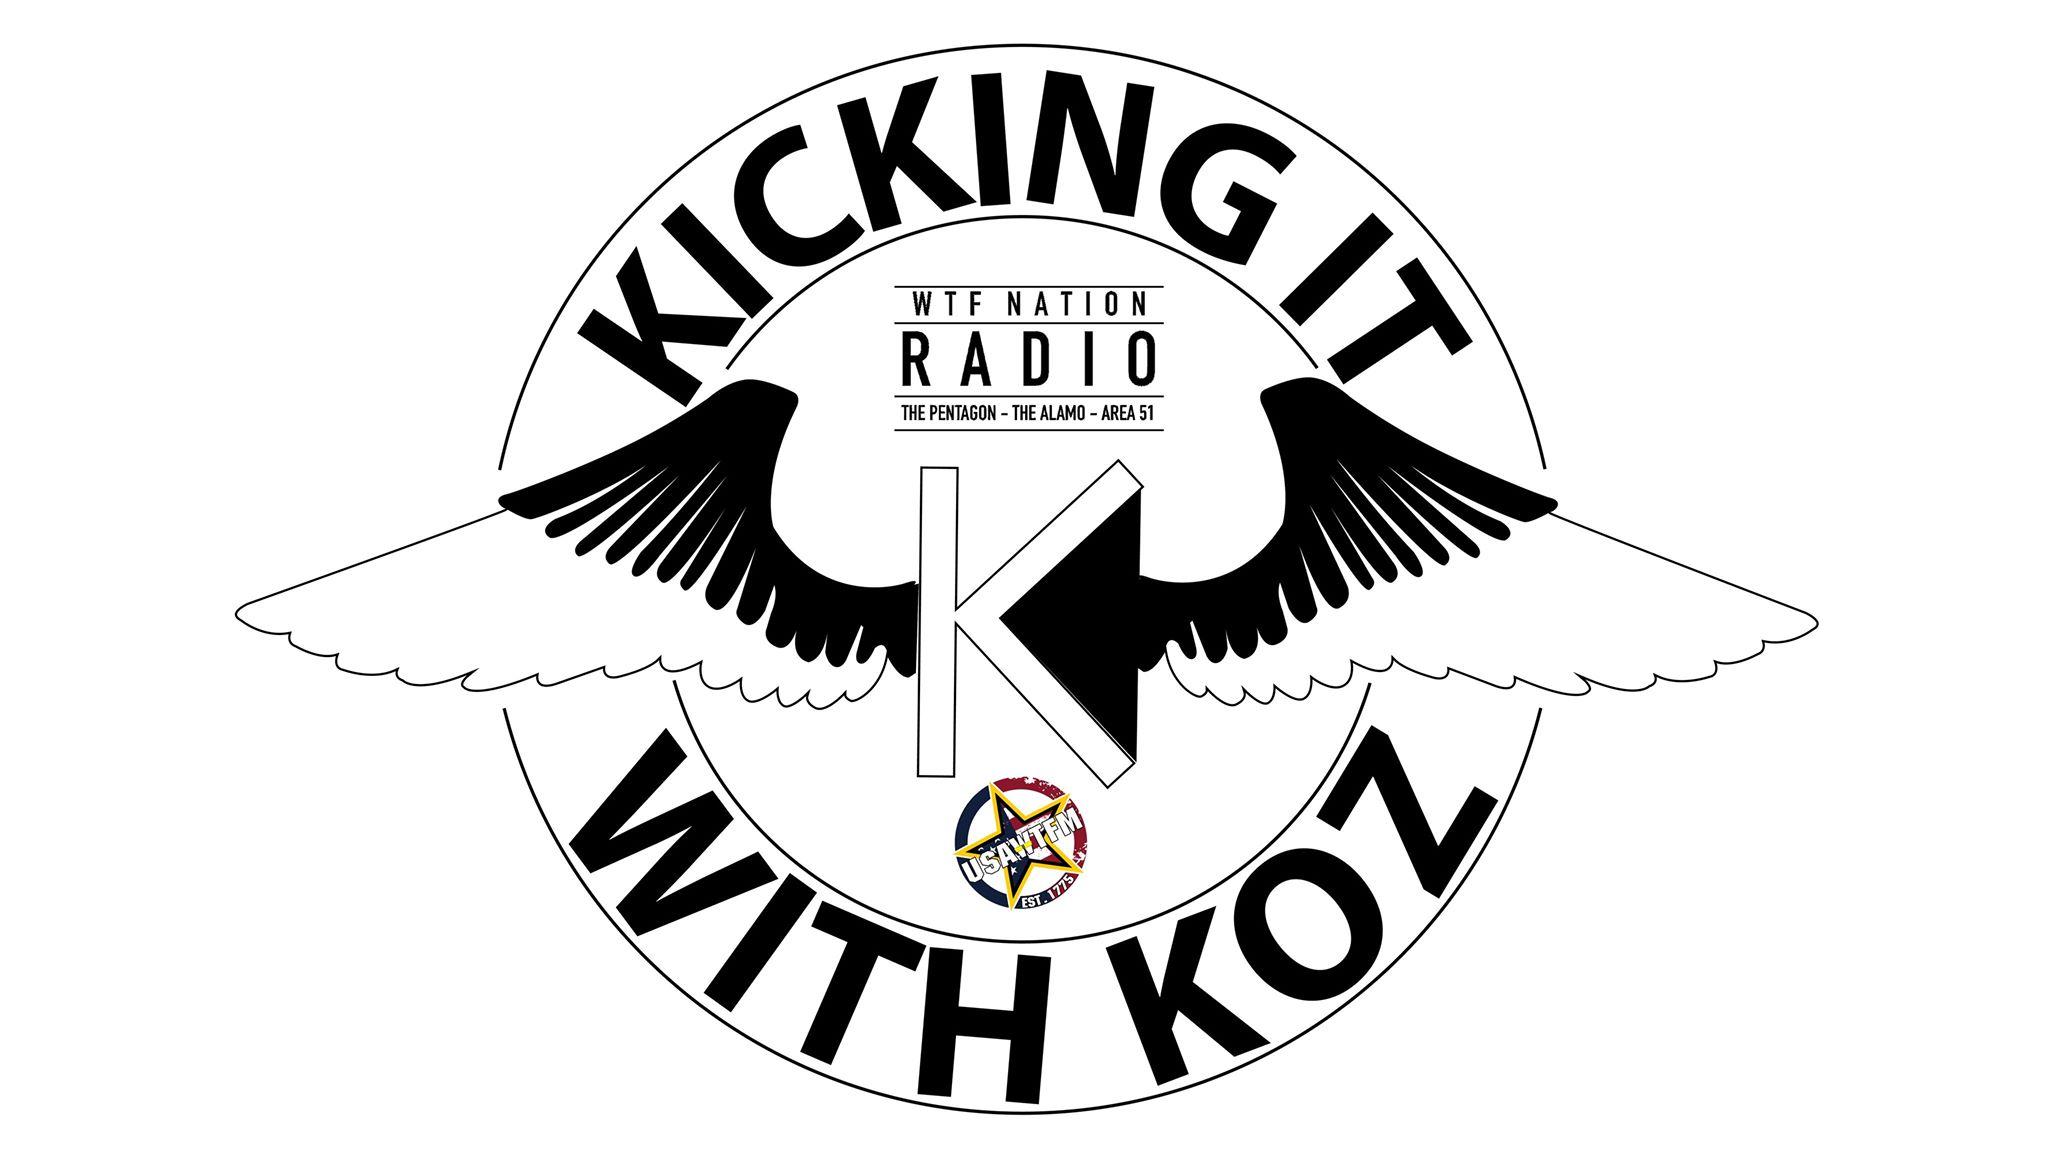 2048x1152 Kicking It With Koz June Wtf Nation Radio